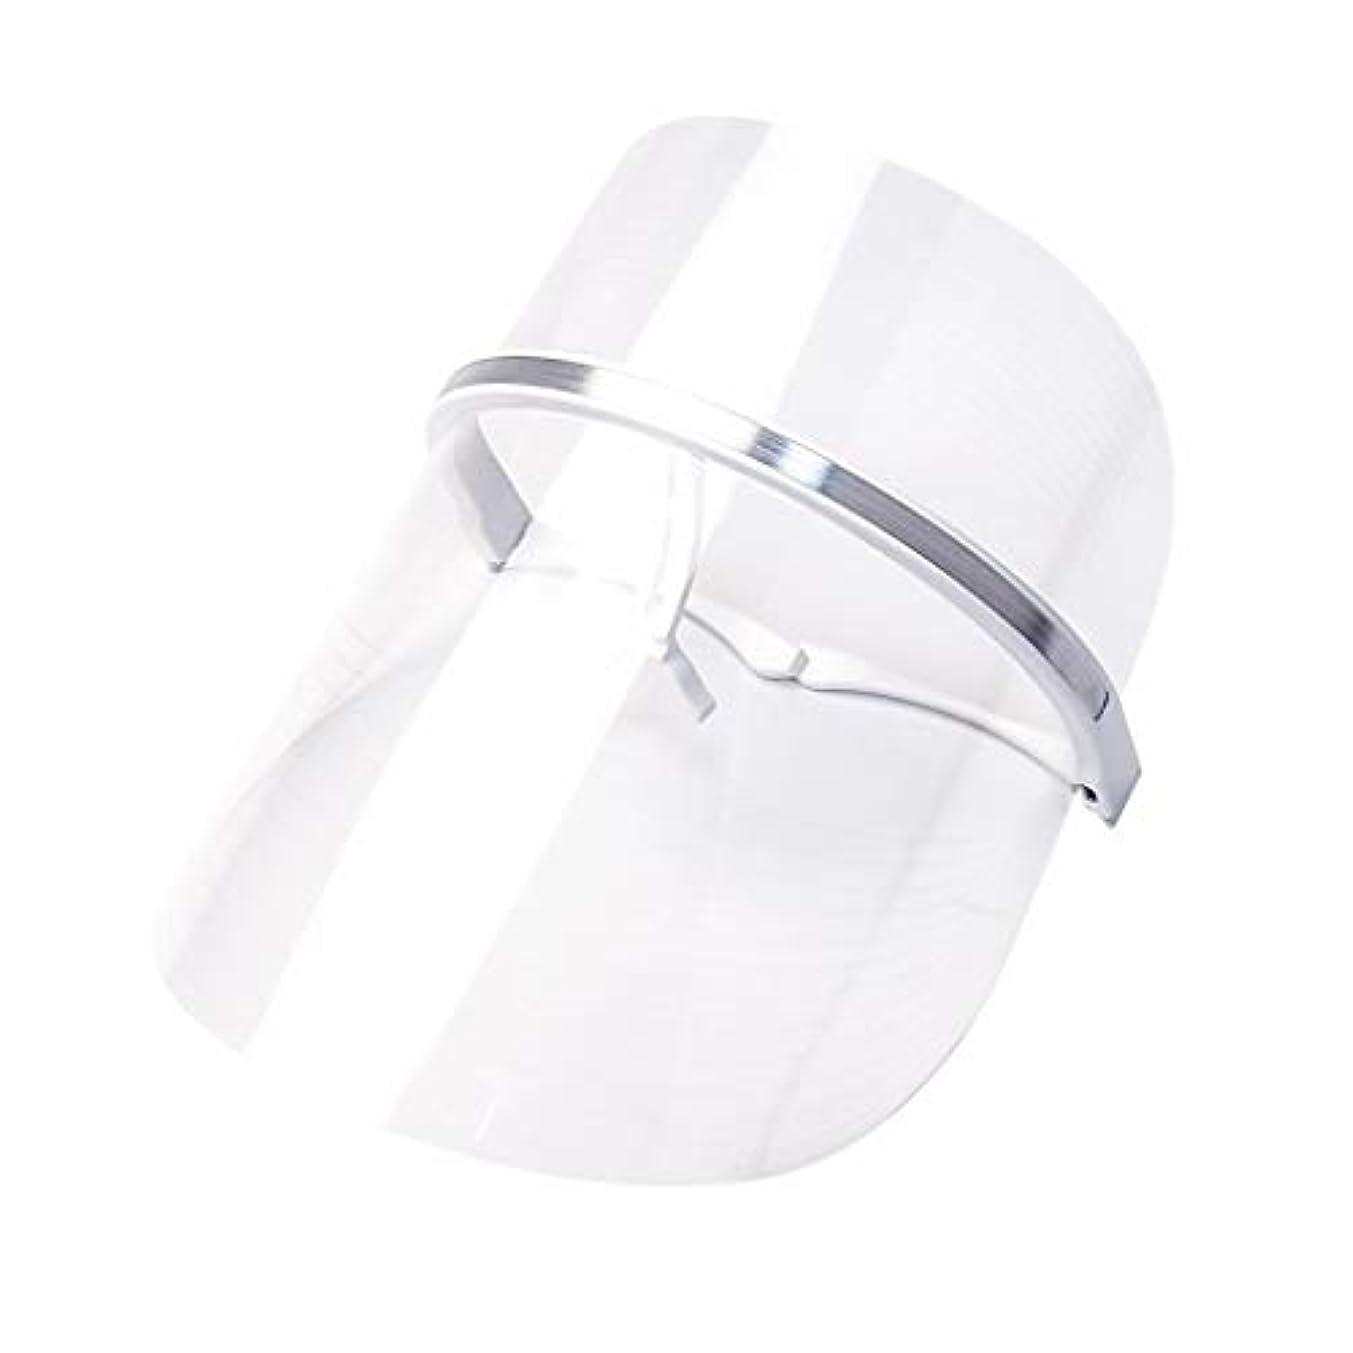 褐色予感危機ライトセラピー?マスク、LEDライトセラピーマスクスキンケアフェイシャルマスクセラピー3色アンチエイジングライトセラピーアクネスキンファーミングディープリペアマスク (Color : Clear)